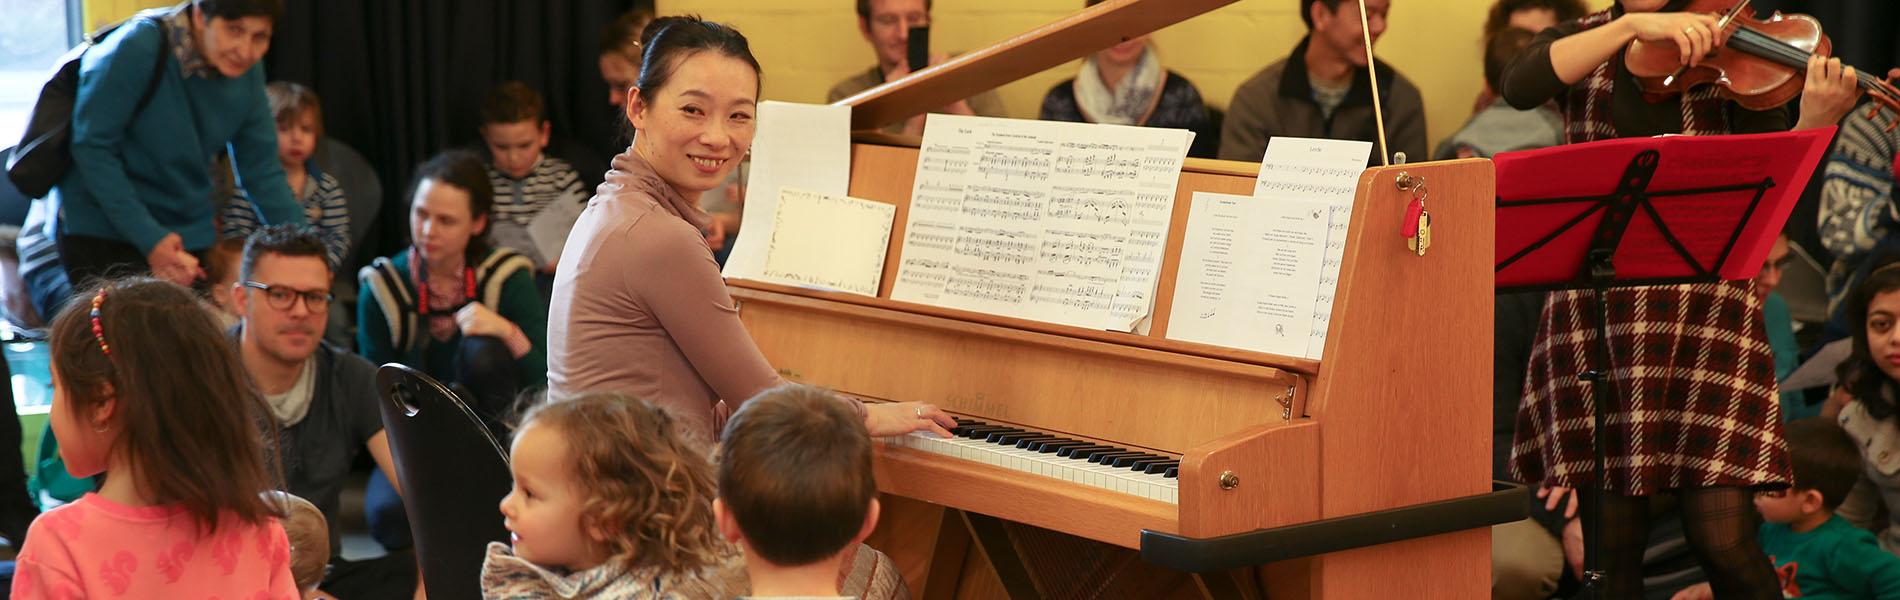 Babykonzert Deutsche Oper